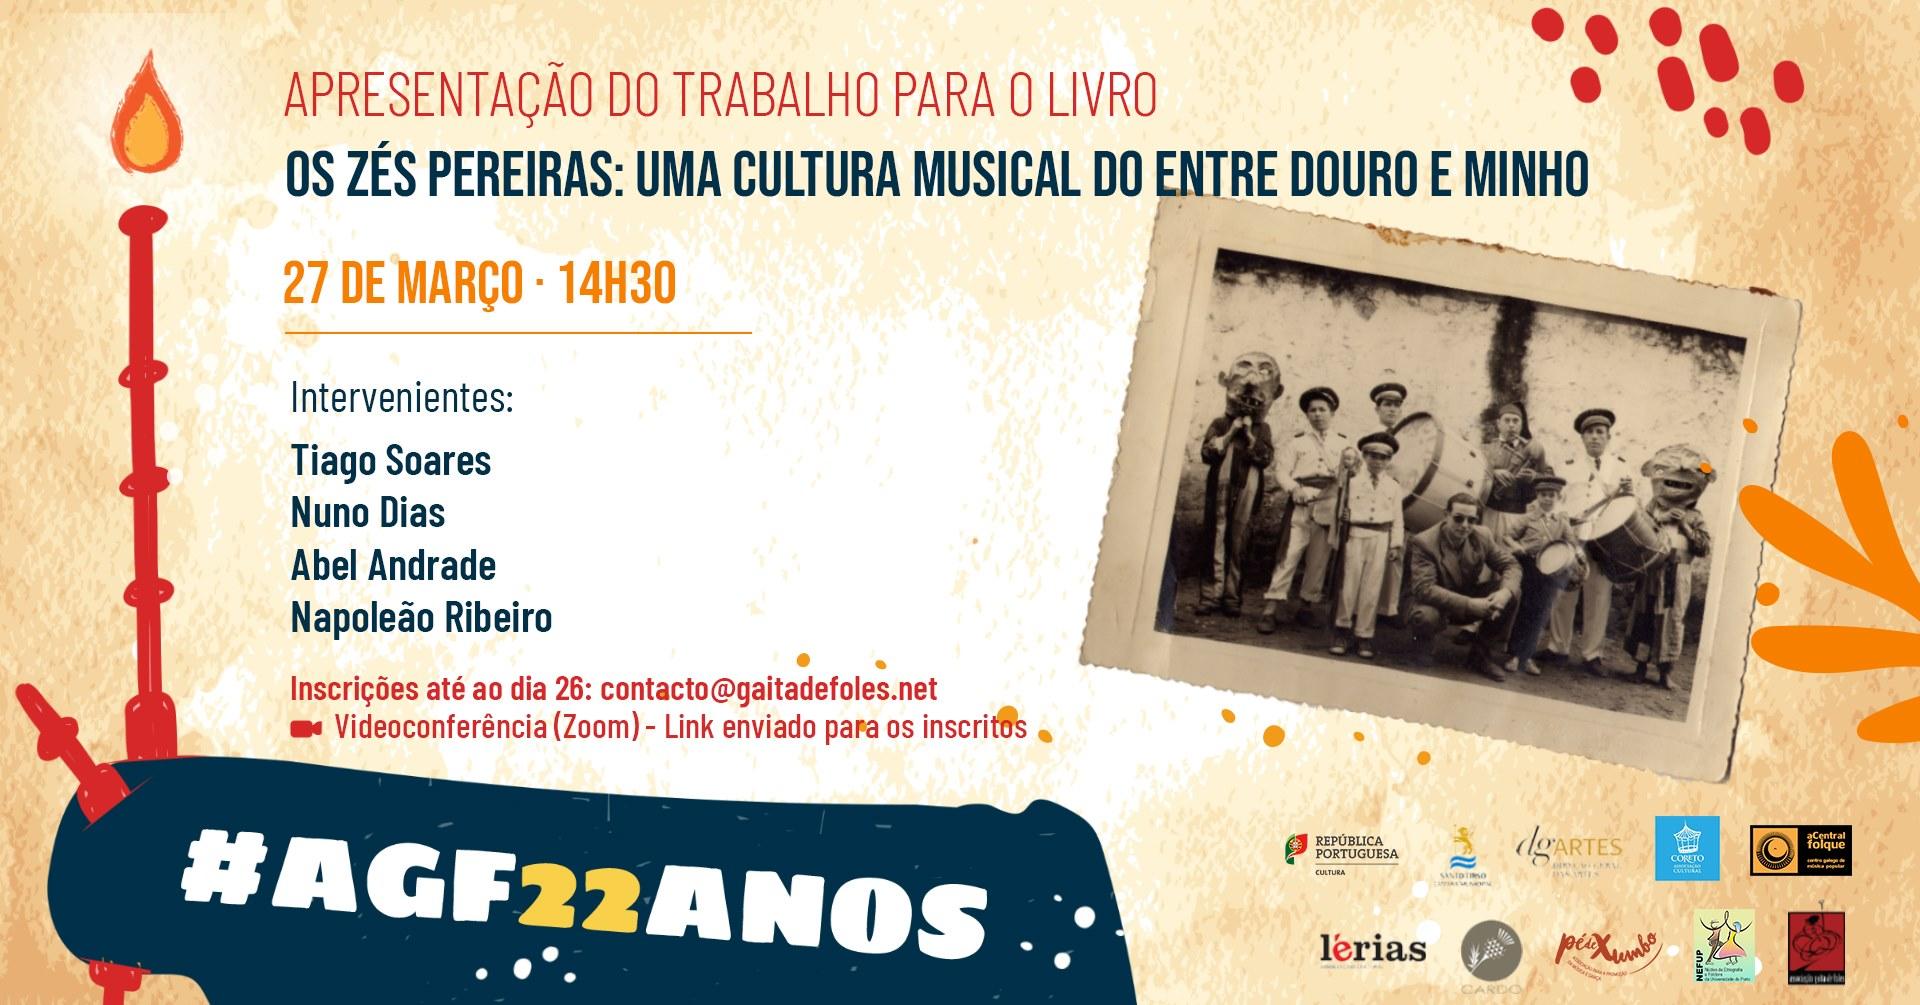 Os Zés Pereiras: uma cultura musical do Entre Douro e Minho